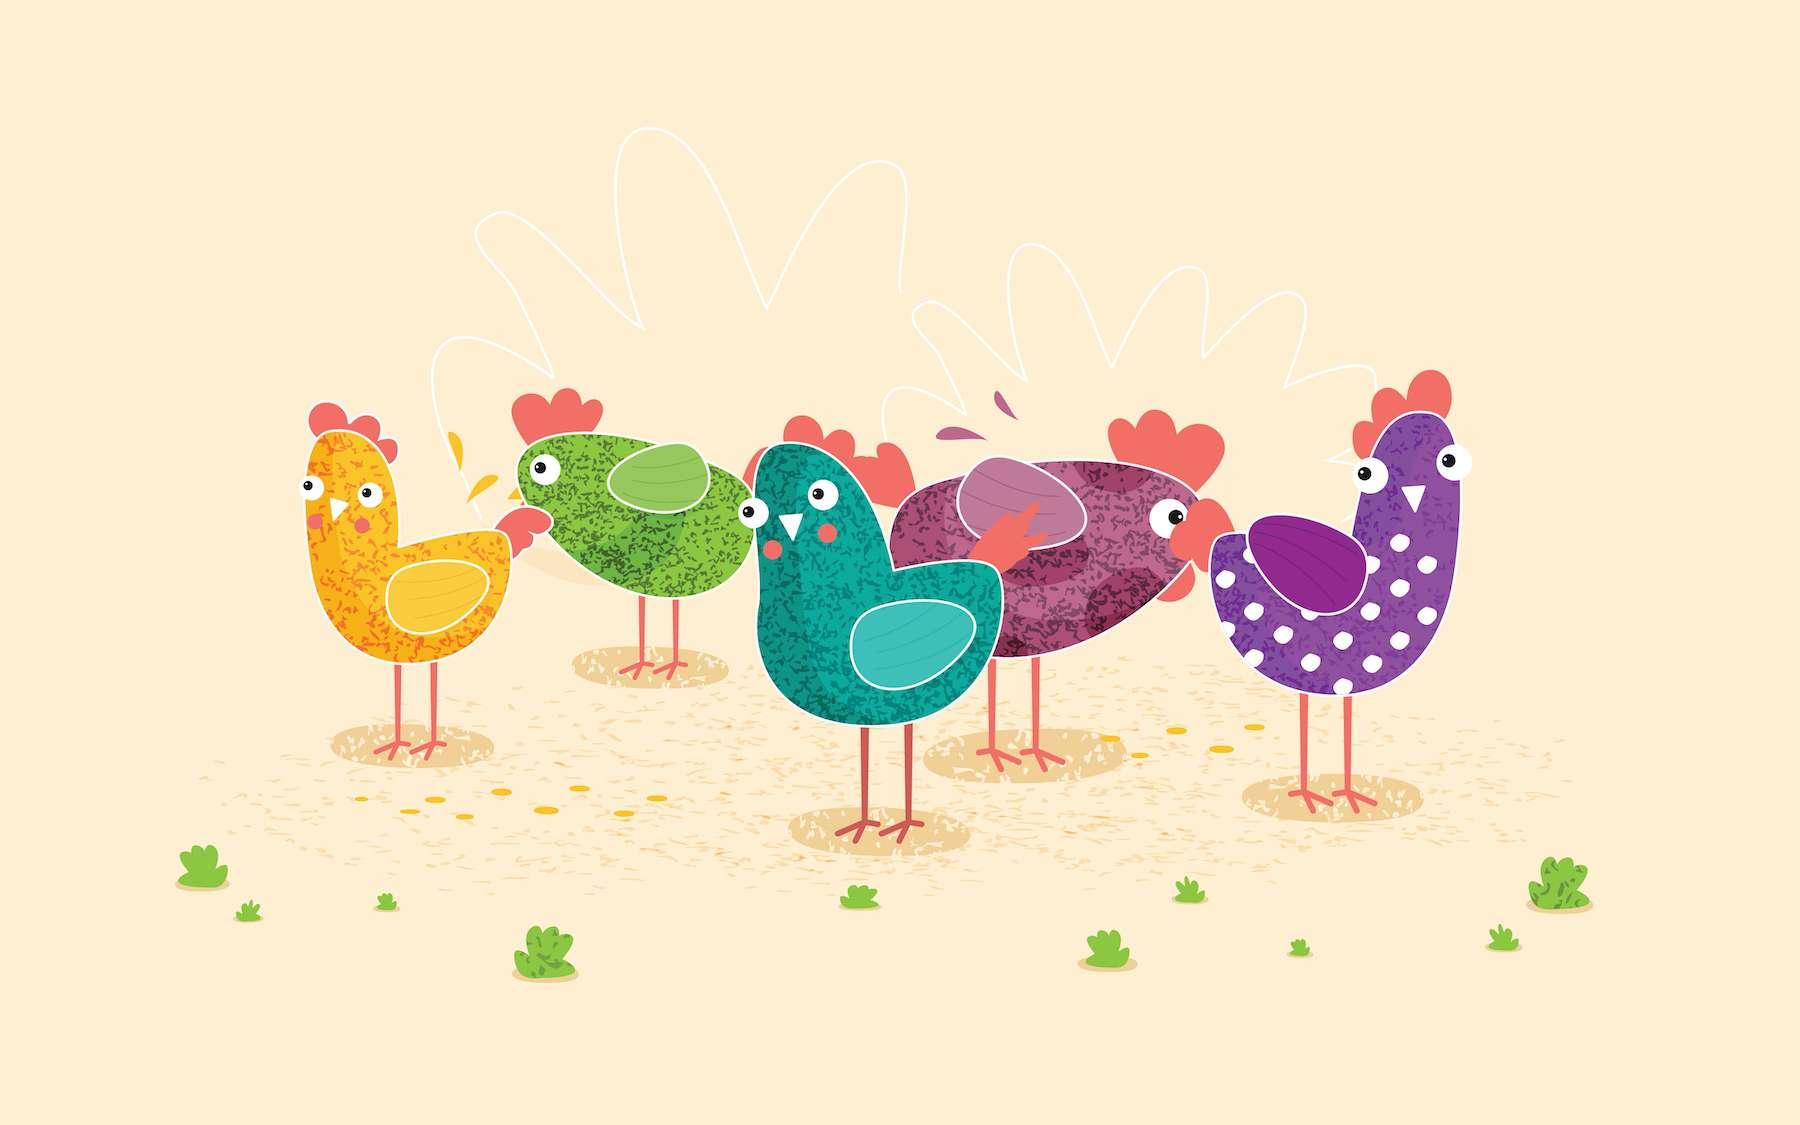 Les poules domestiques ont un cerveau plus petit proportionnellement aux poules sauvages. © mix3r, Adobe Stock